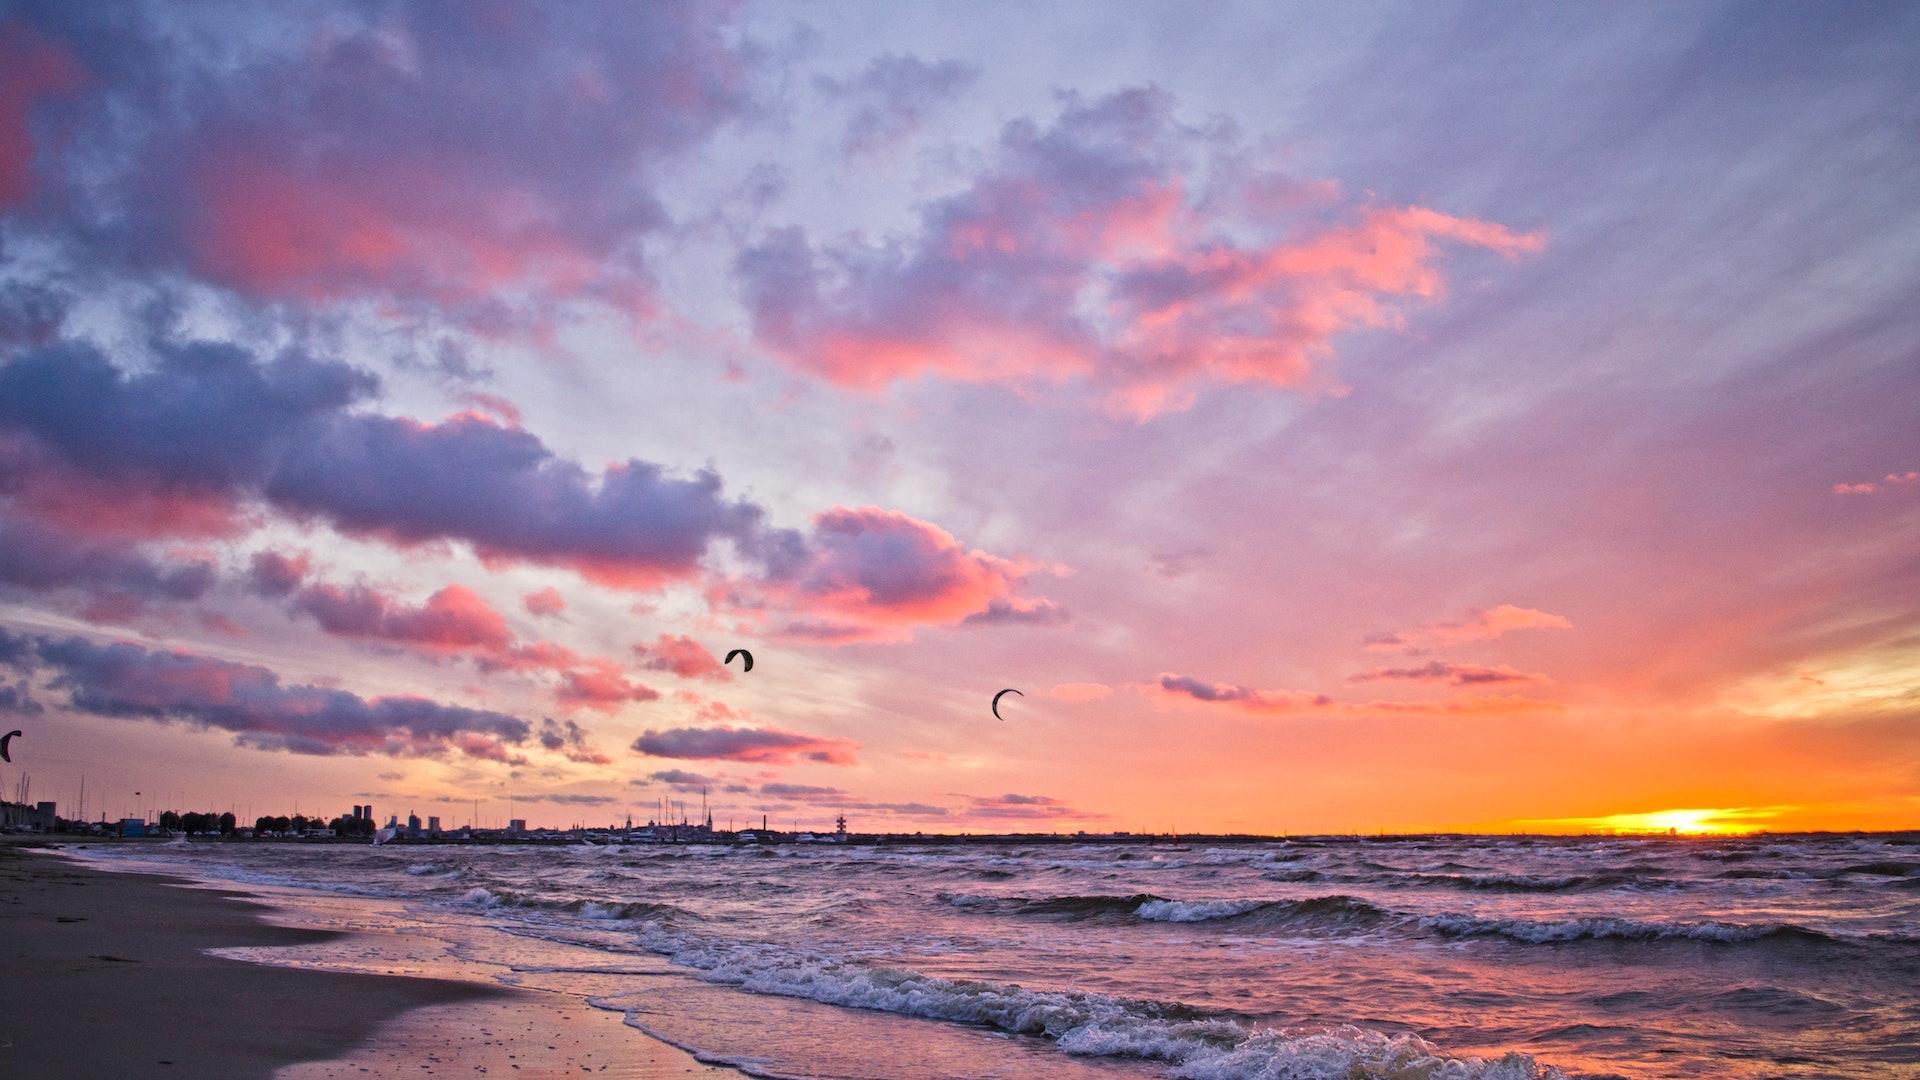 夕暮れの雲と海の無料バーチャル背景素材